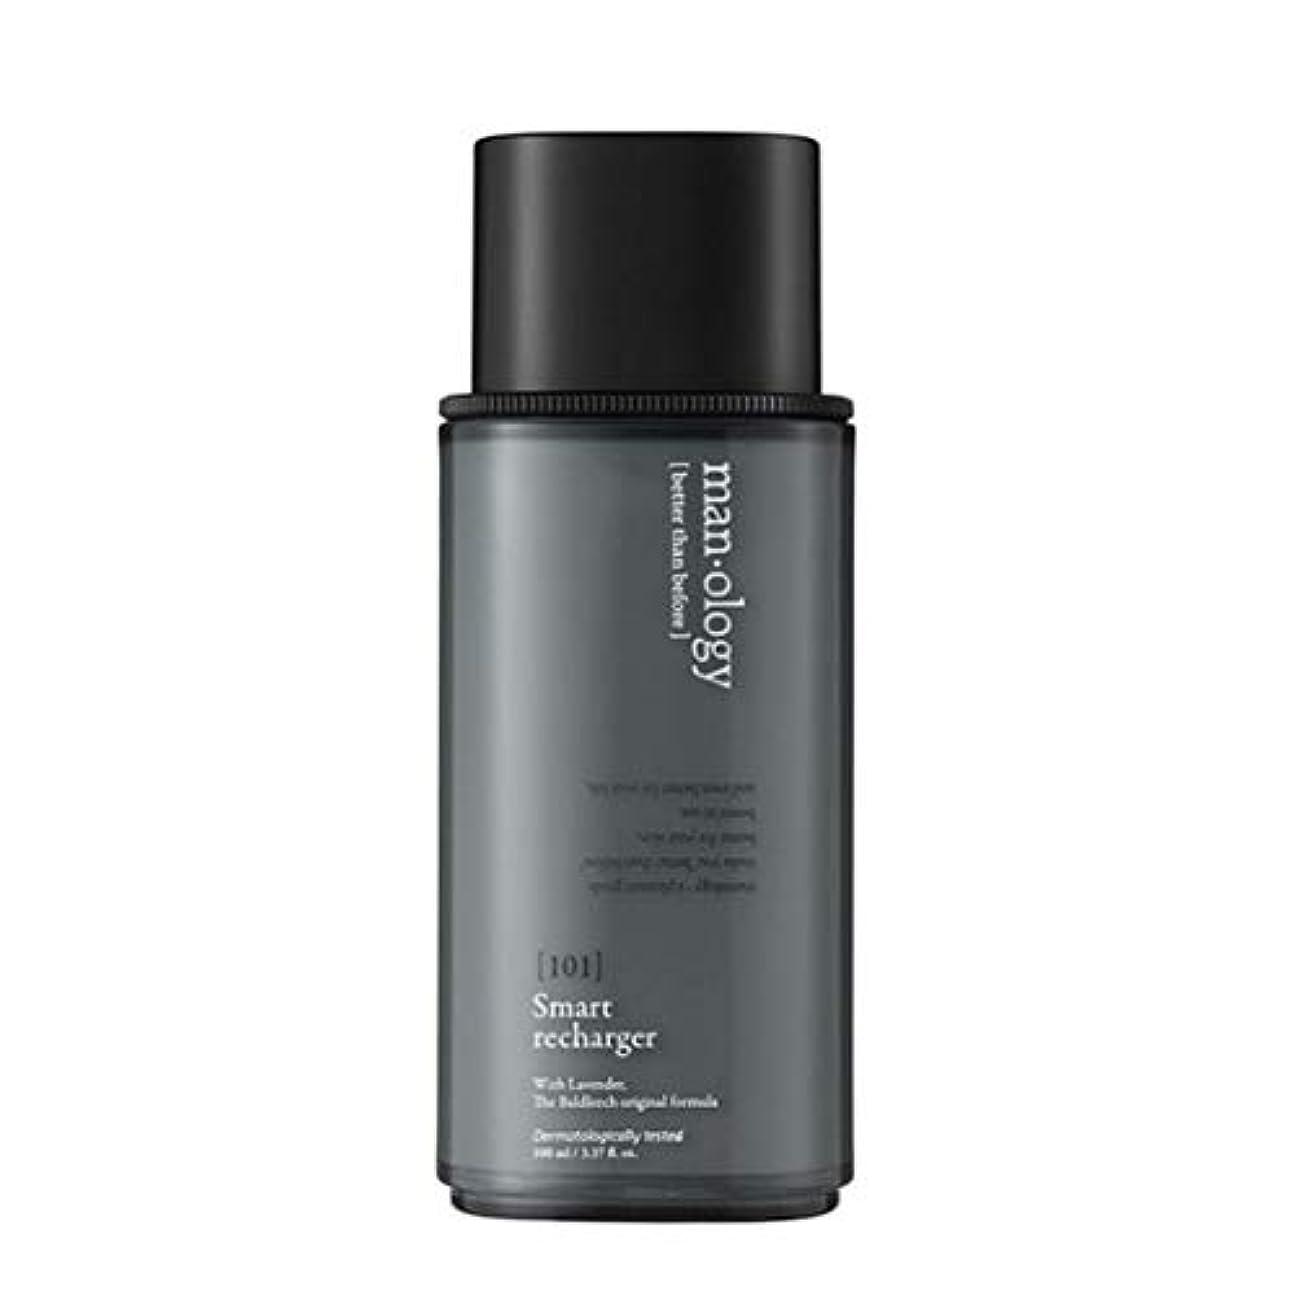 かなりタイヤ肯定的ビリープメンオルロッジ101スマートリチャージャー100mlメンズコスメ韓国コスメ、belif Man Ology 101 Smart Recharger 100ml Men's Cosmetics Korean Cosmetics...